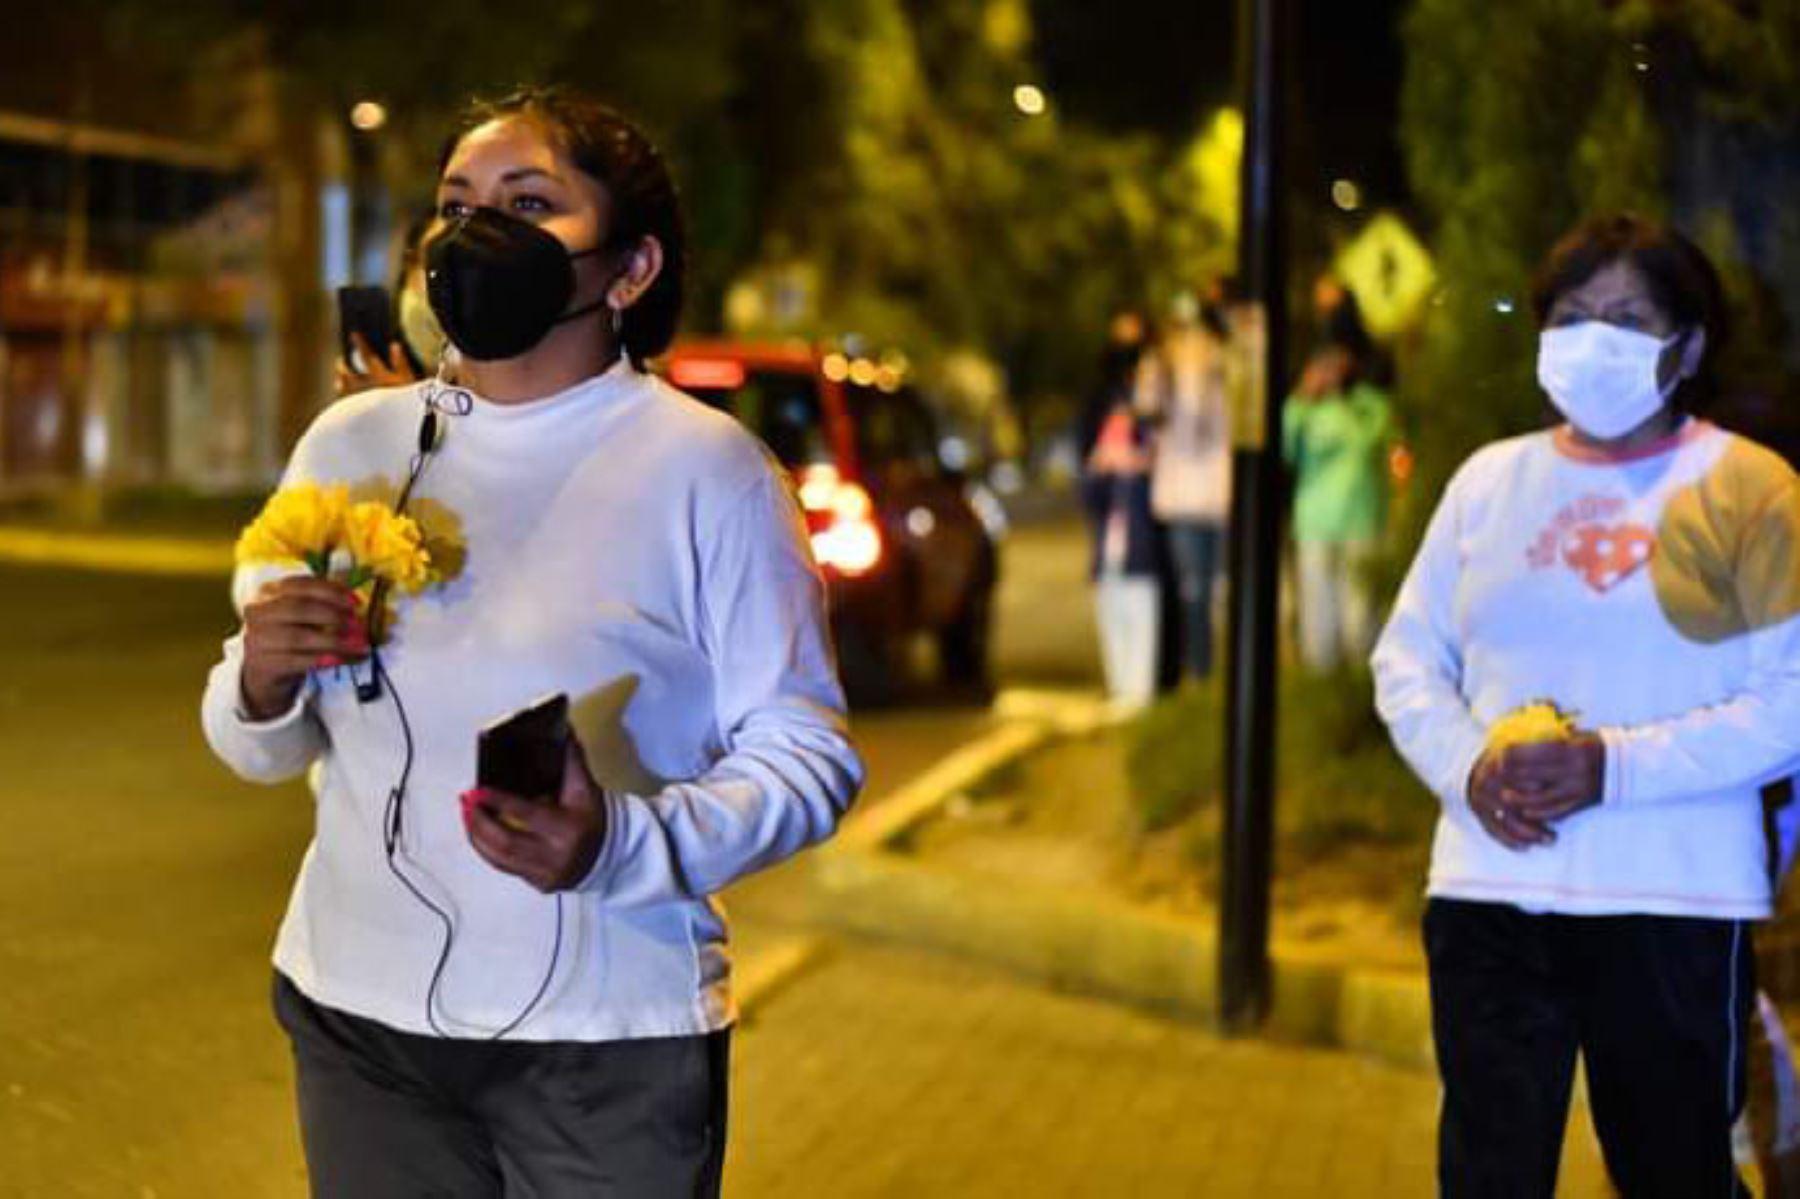 La virgen de Chapi visitó hospitales y calles de ciudad de Arequipa acompañada de la compañía de bomberos Virgen de Chapi B 233. Foto: Cortesía Diego Ramos